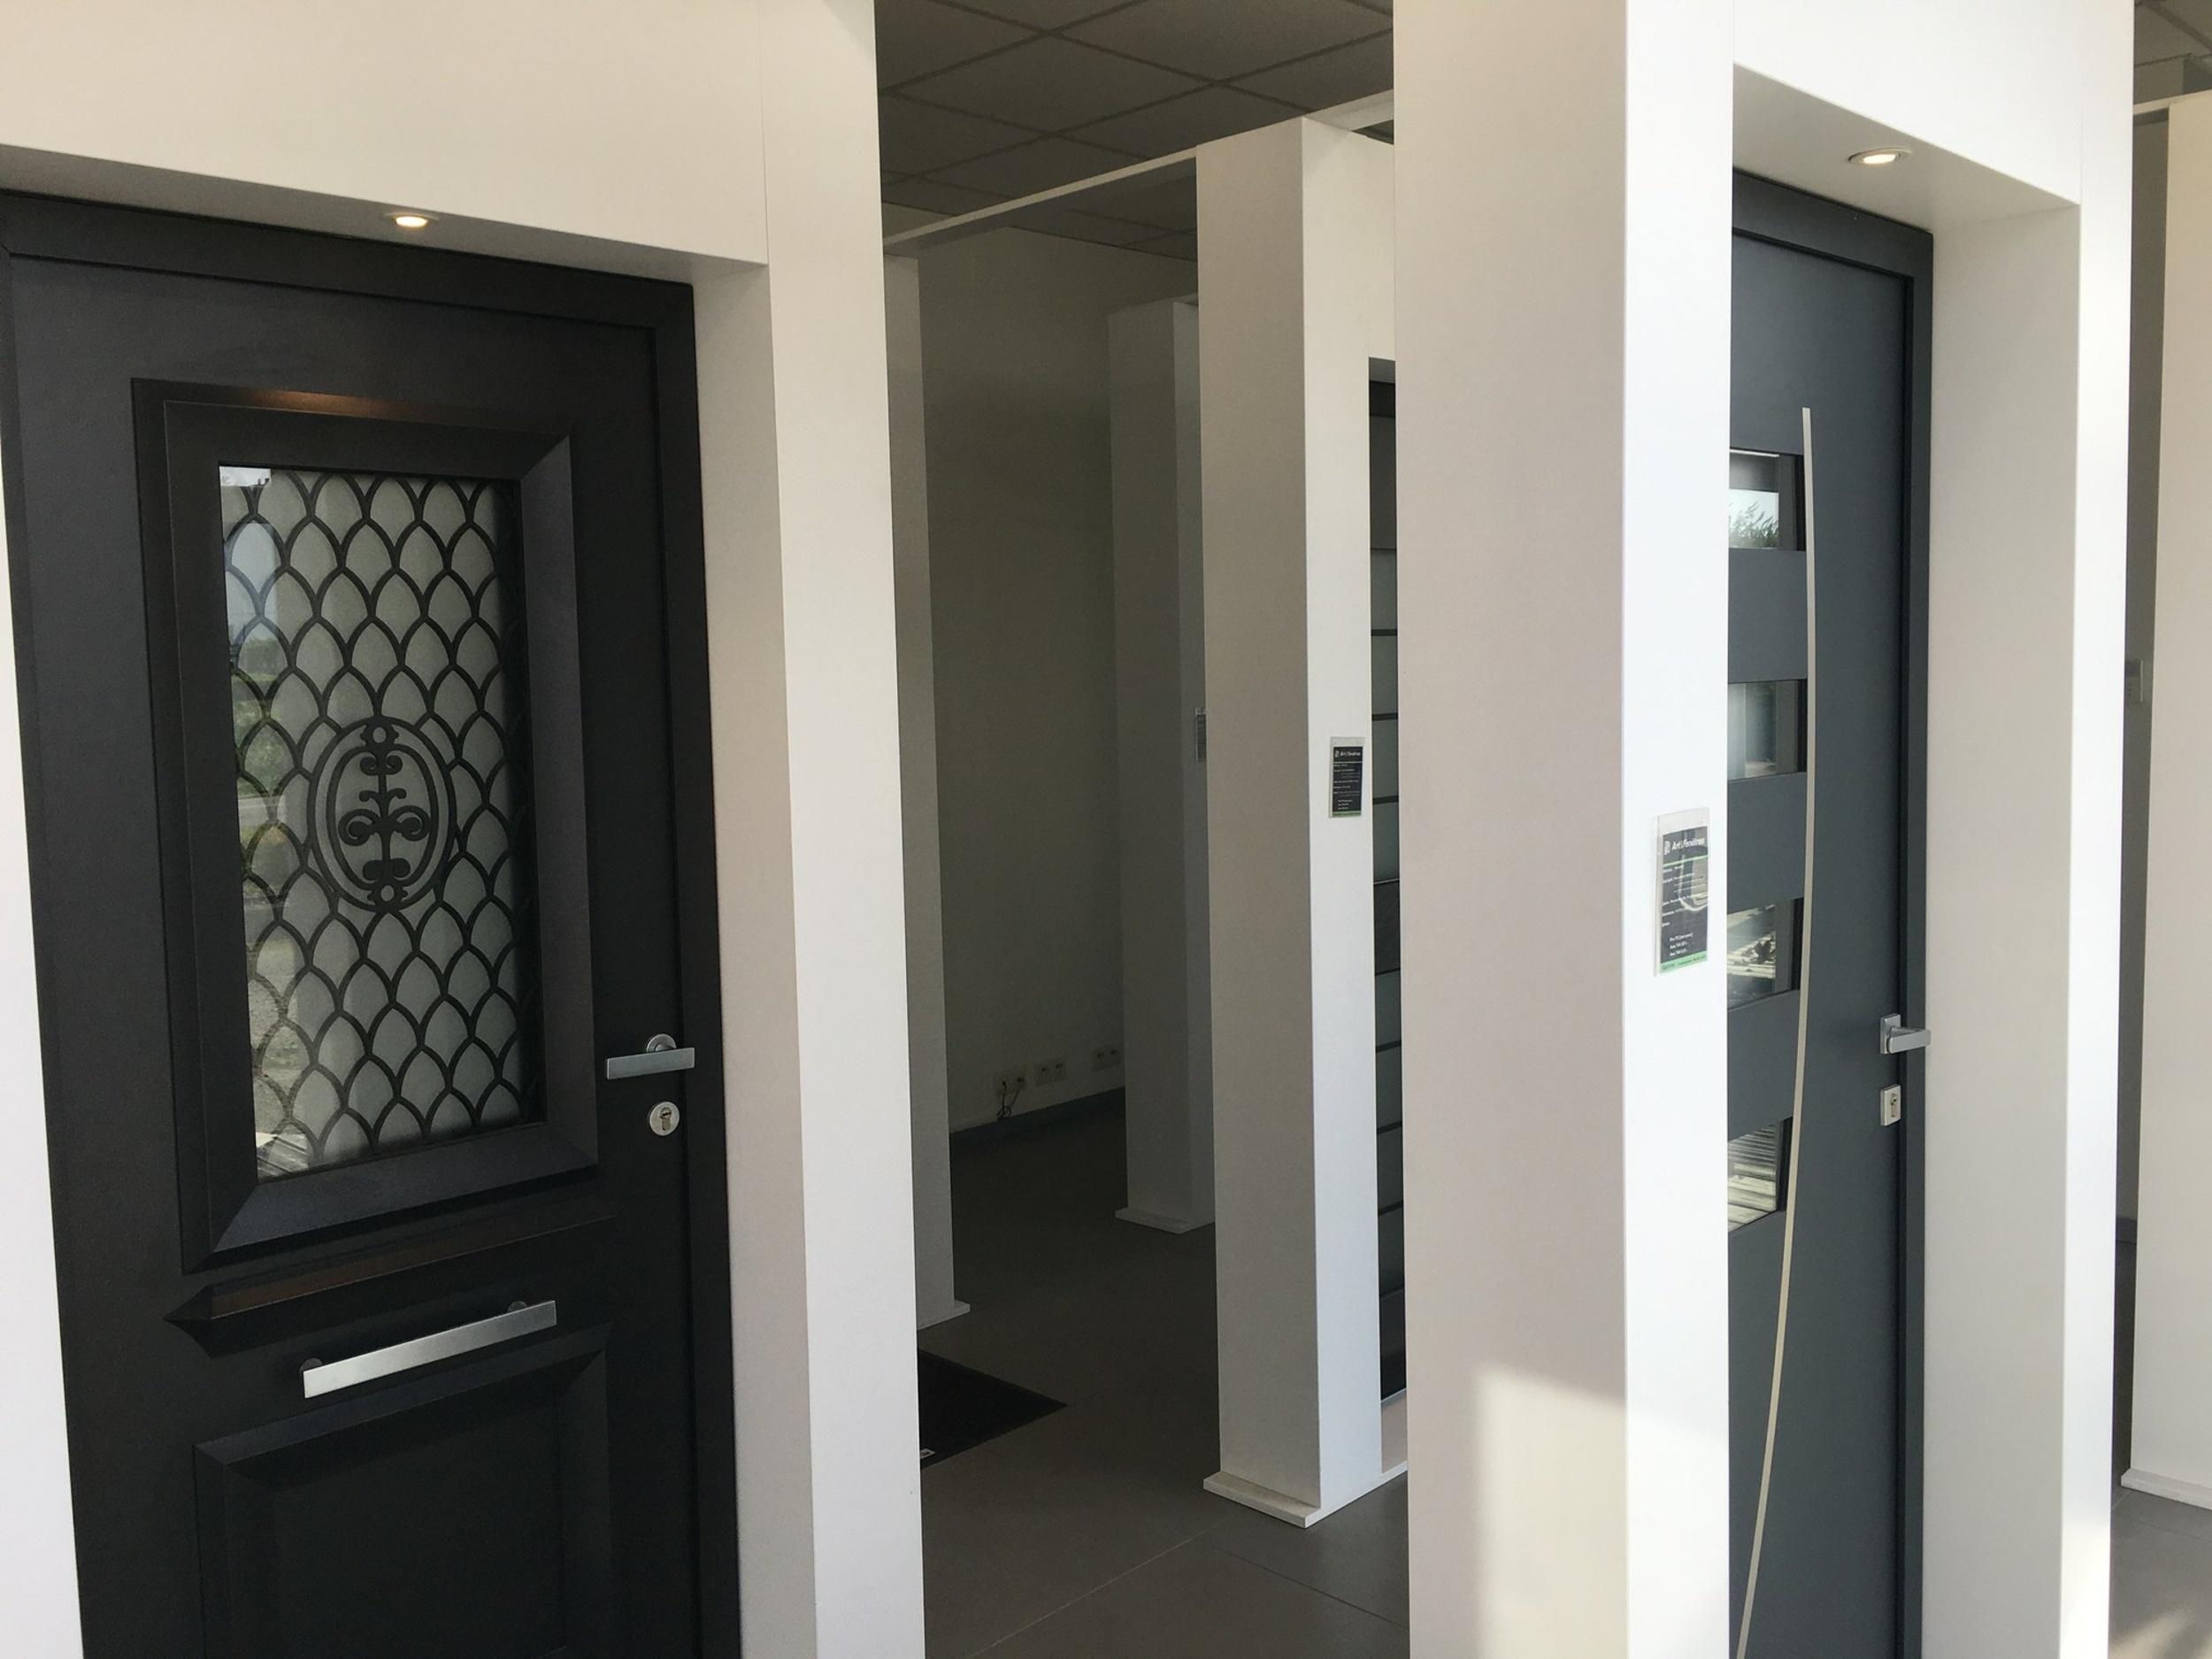 Porte d''entrée alu avec grille rétro